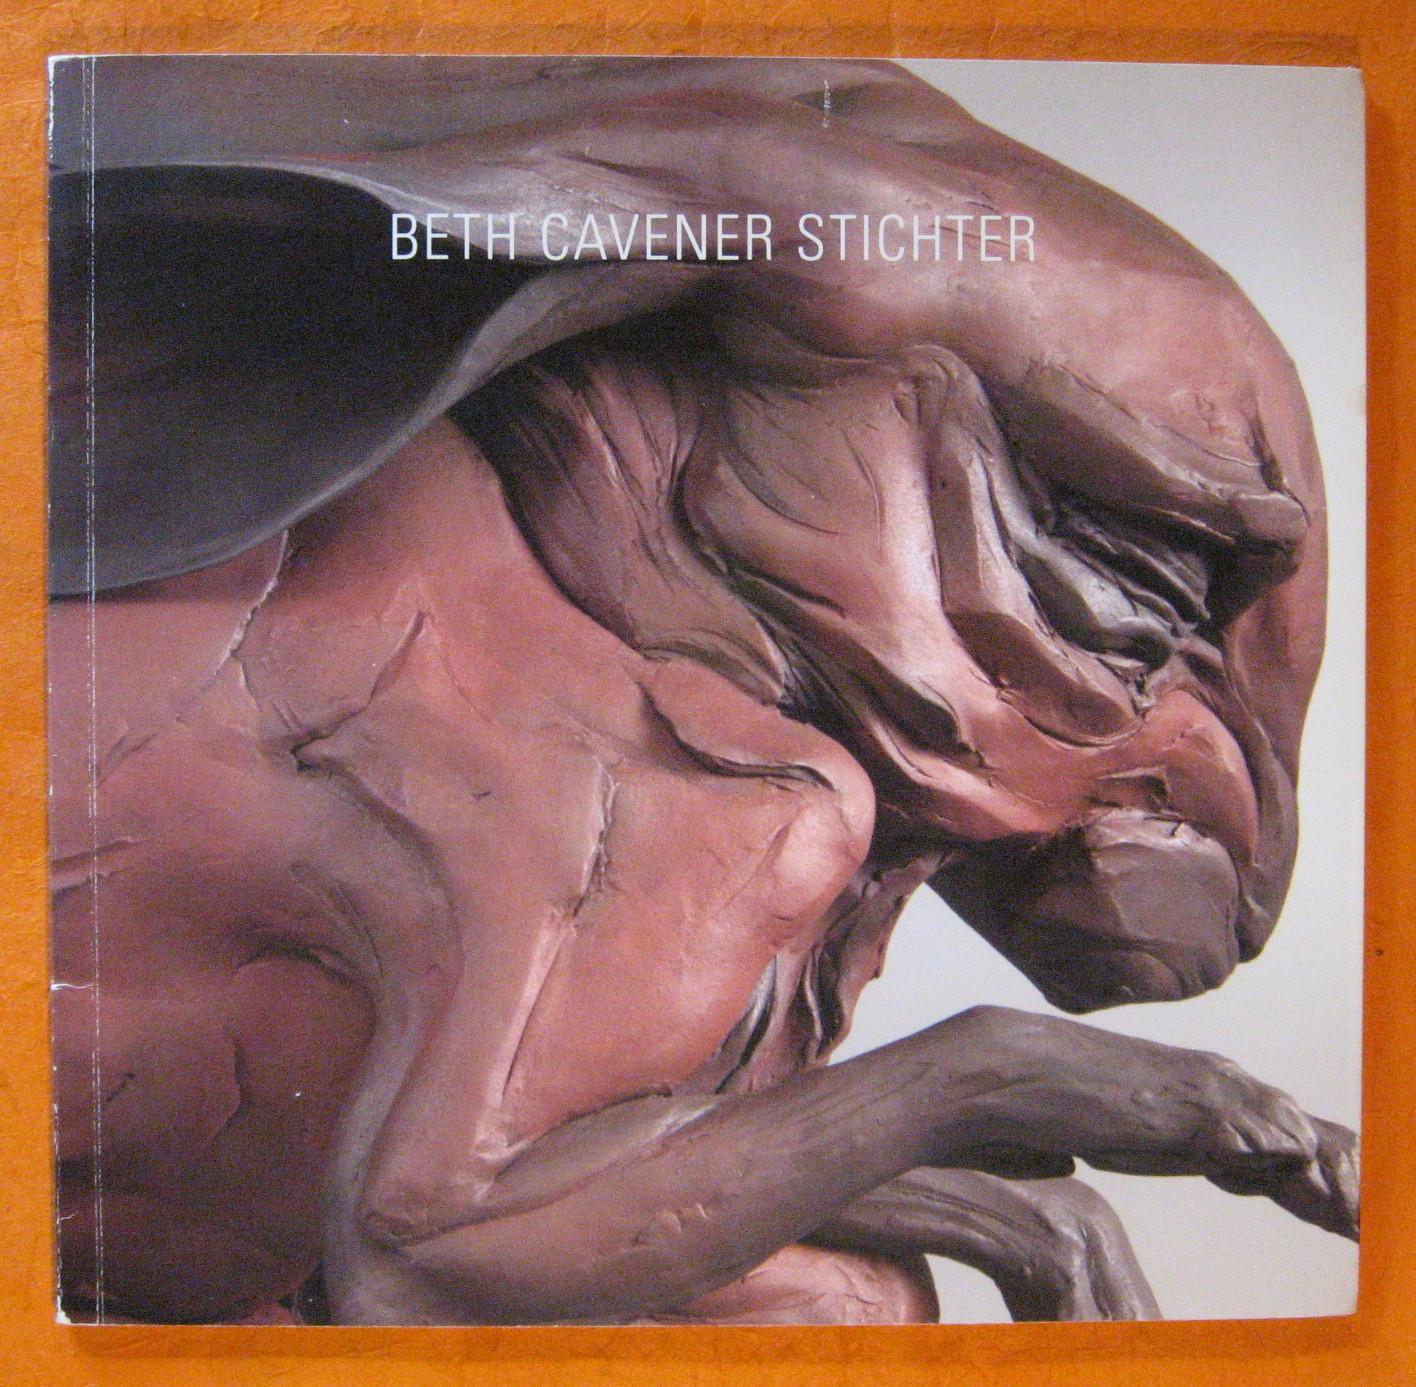 Beth Cavener Stichter Nov 7 - Jan 6, 2007